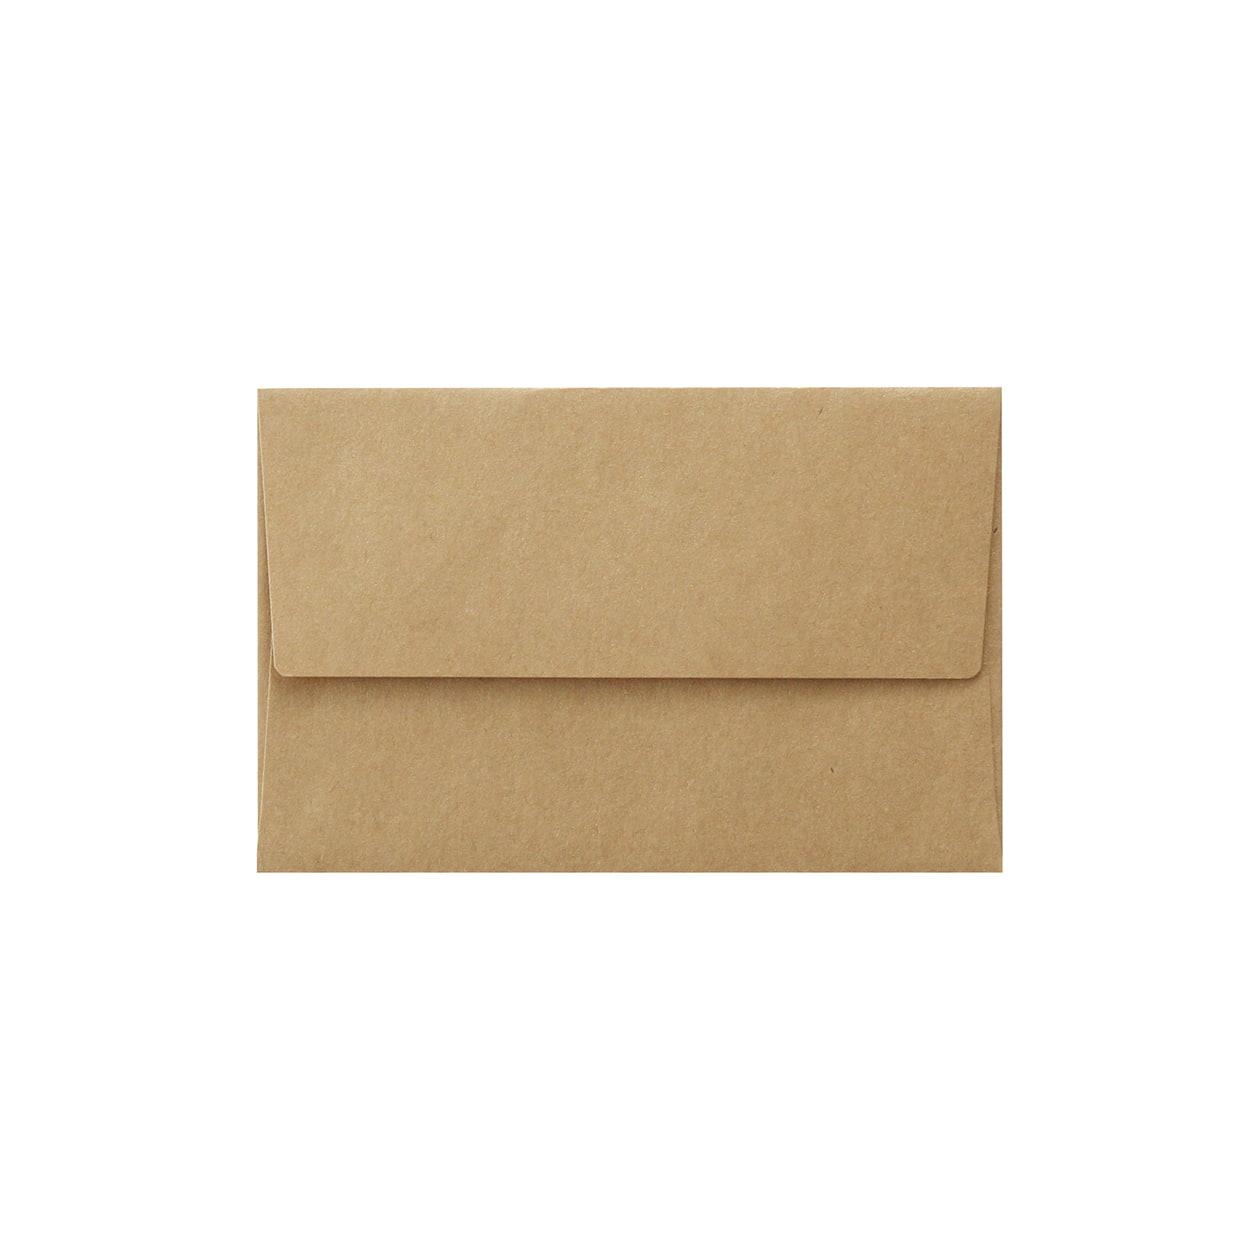 サンプル 封筒・袋 00109